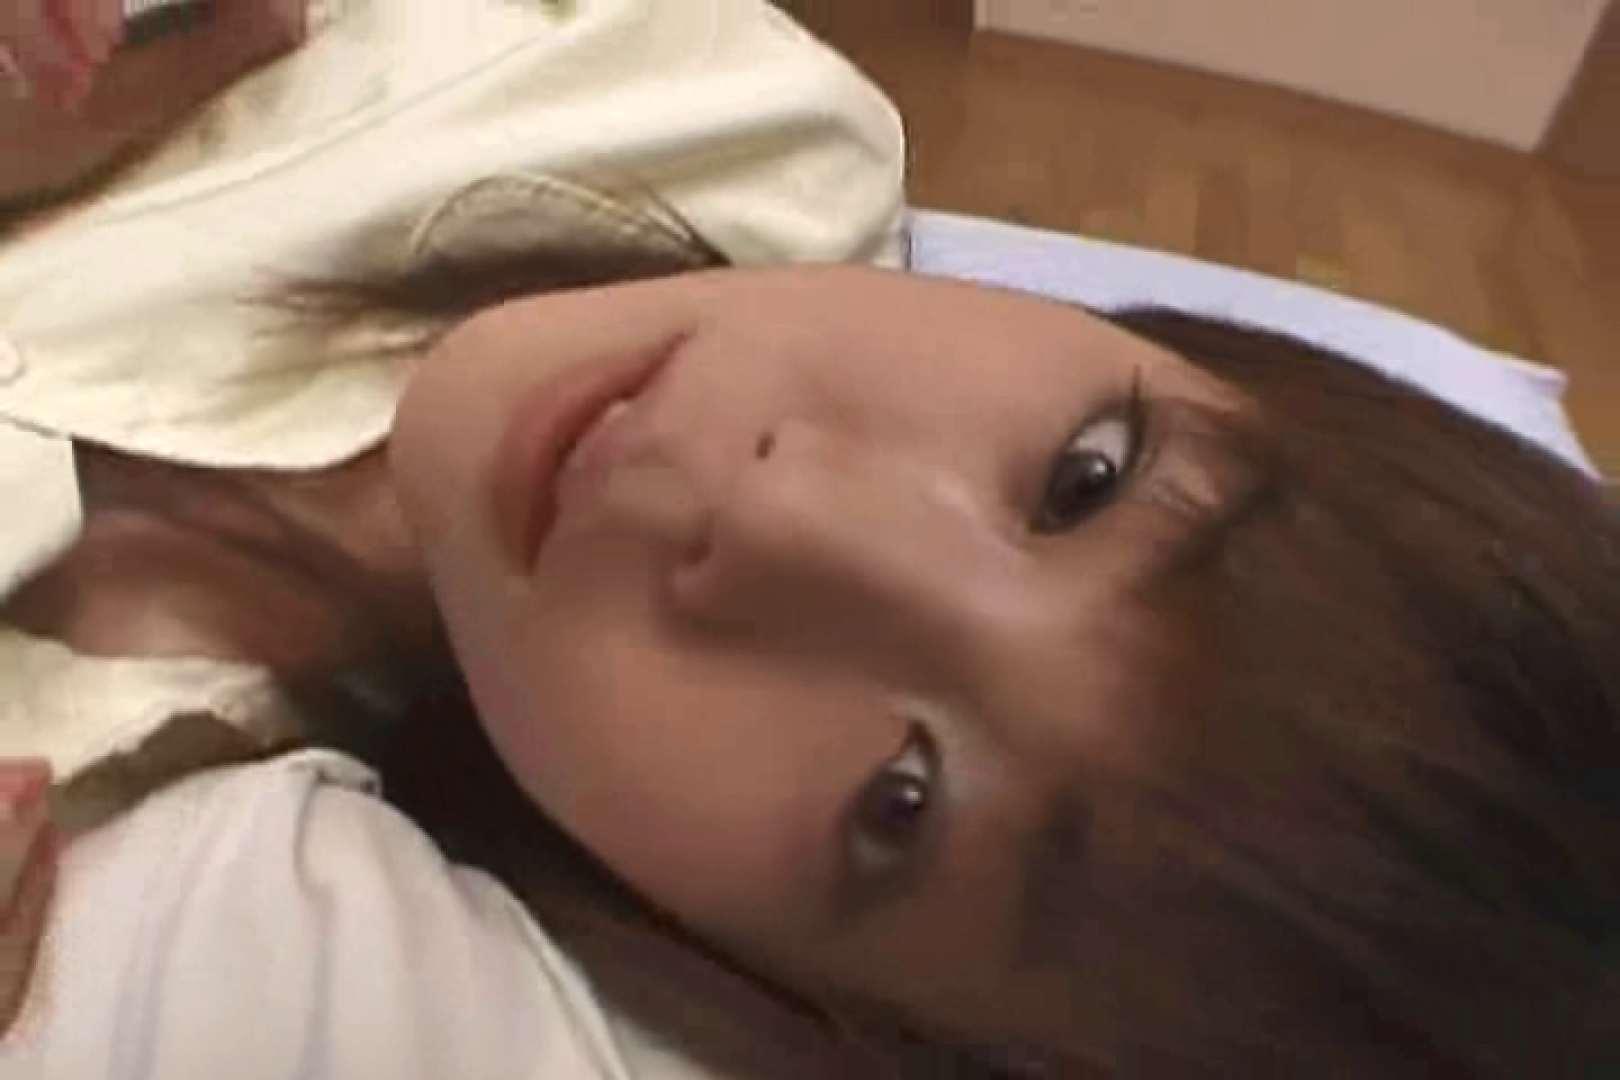 素人嬢126人のハメ撮り 川村美幸 バイブプレイ   メーカー直接買い取り  73pic